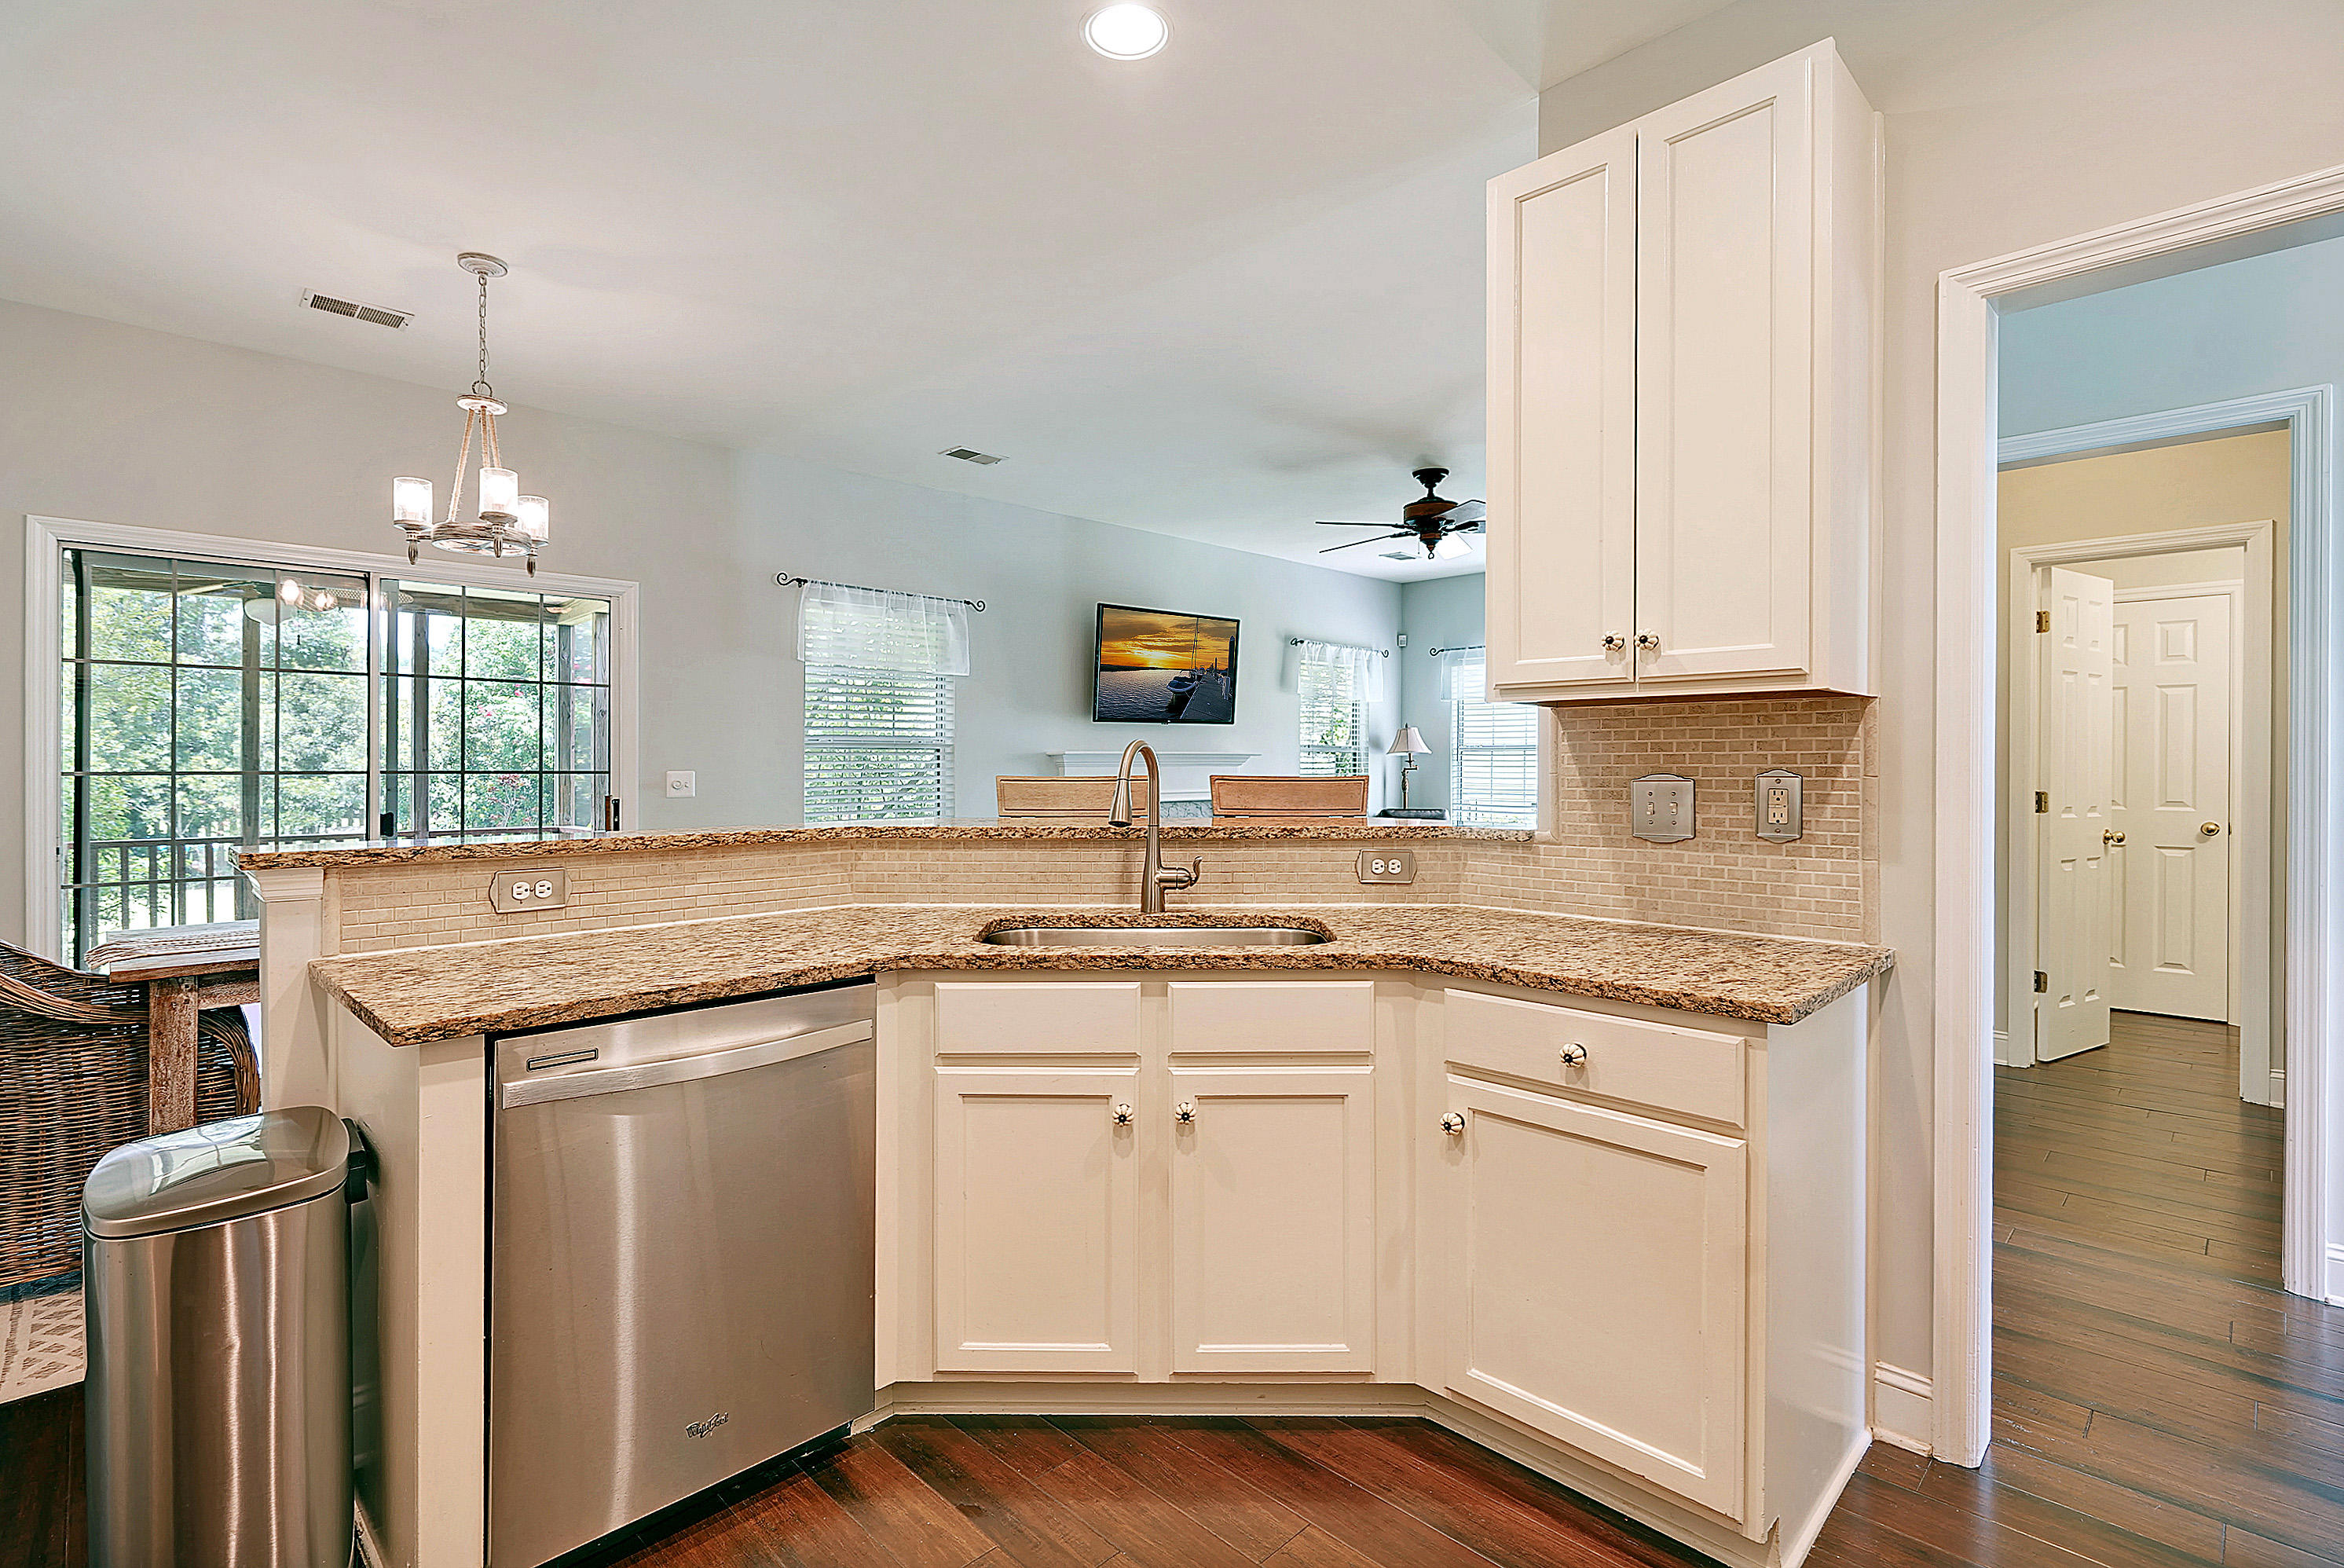 Park West Homes For Sale - 2391 Parsonage Woods, Mount Pleasant, SC - 27